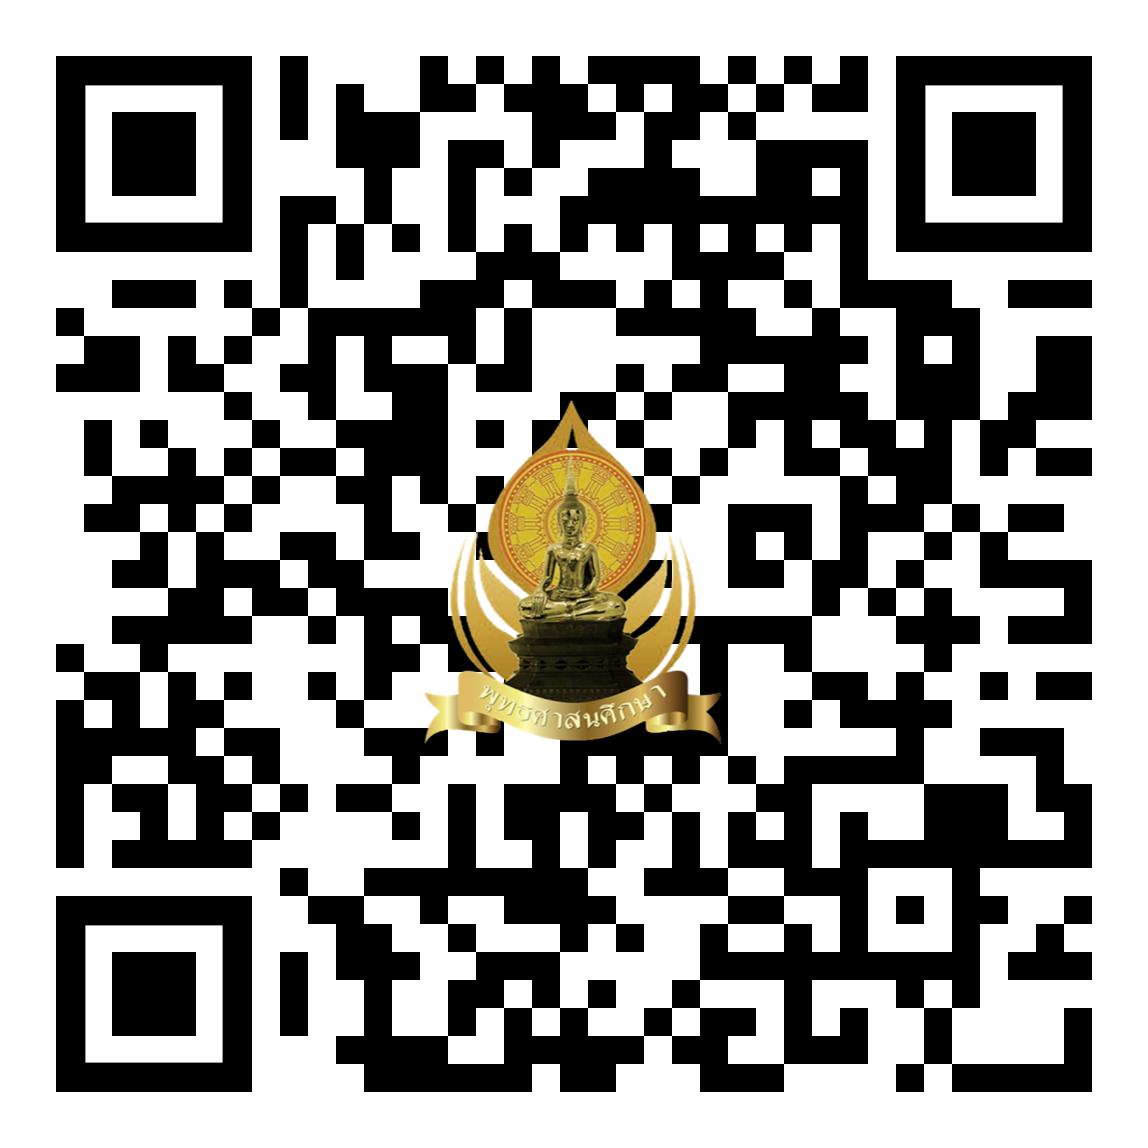 qr code website